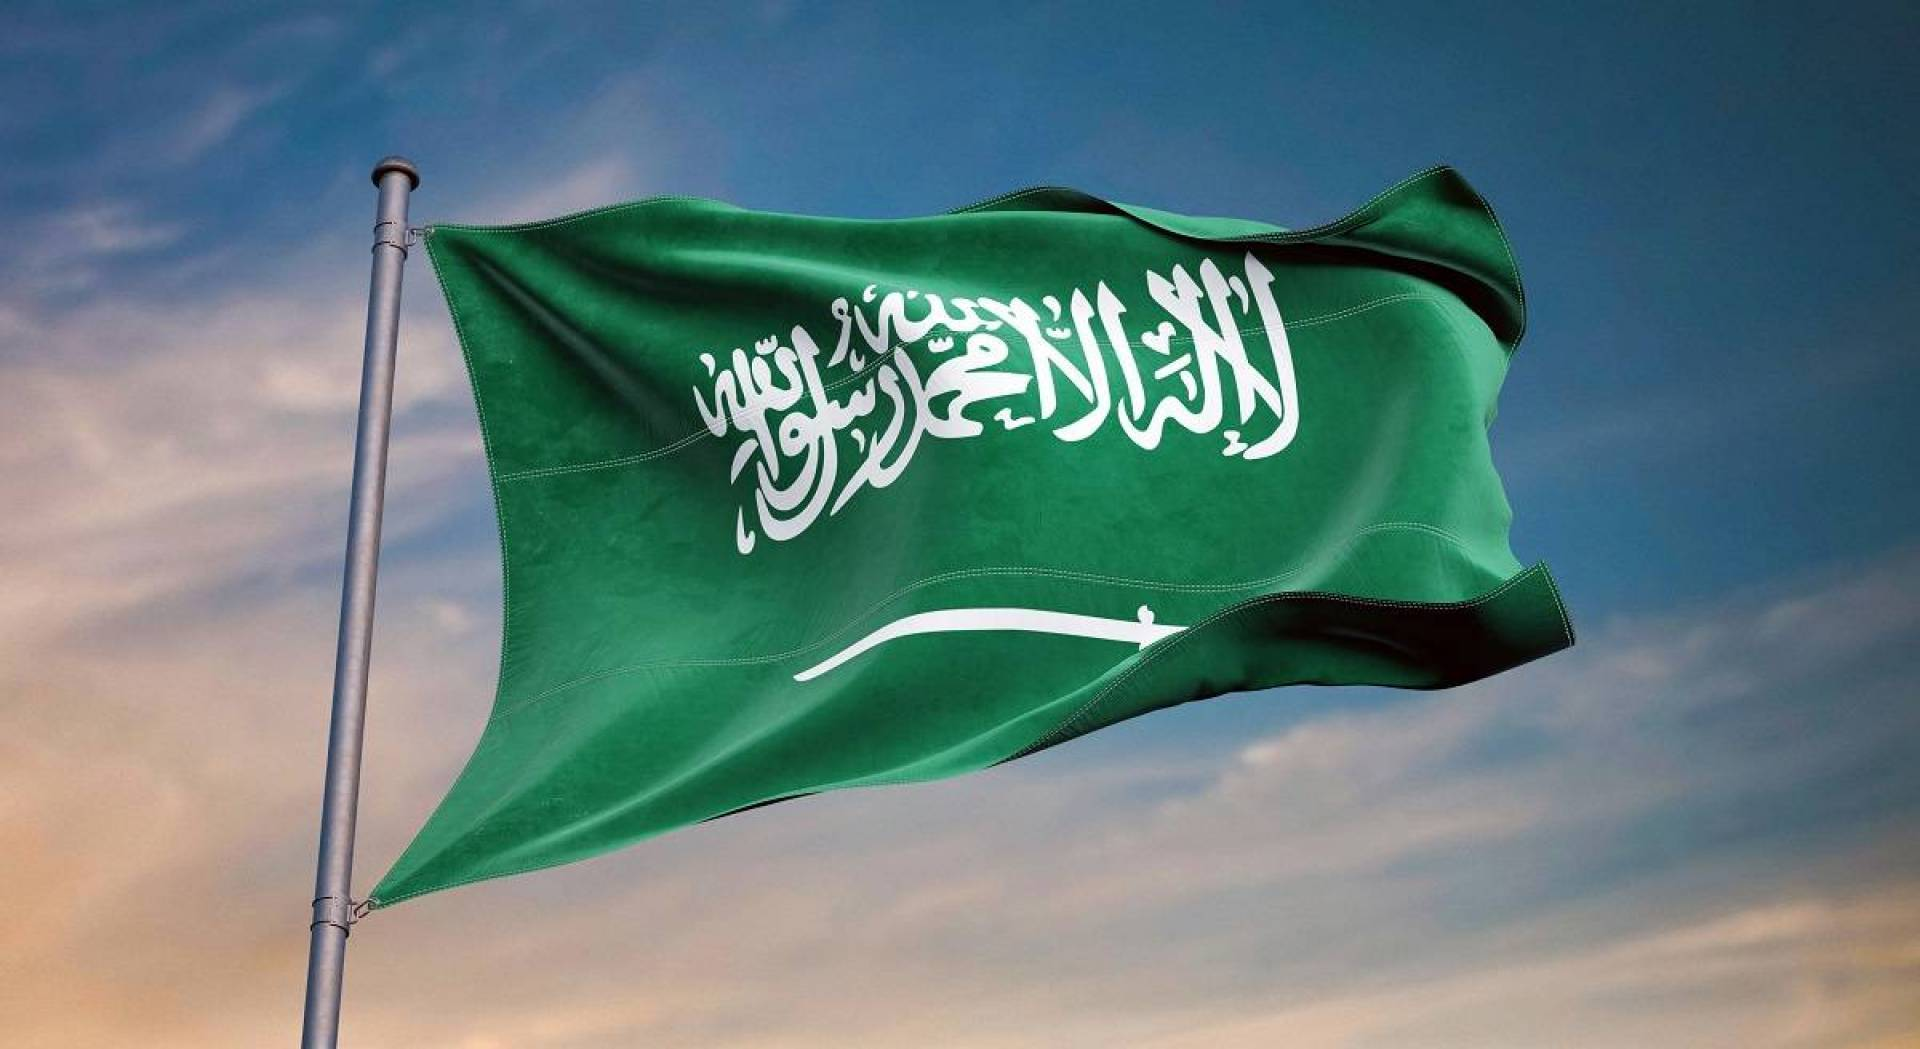 السعودية تعلق سفر المواطنين والمقيمين إلى عدد من الدول للحد من انتشار كورونا